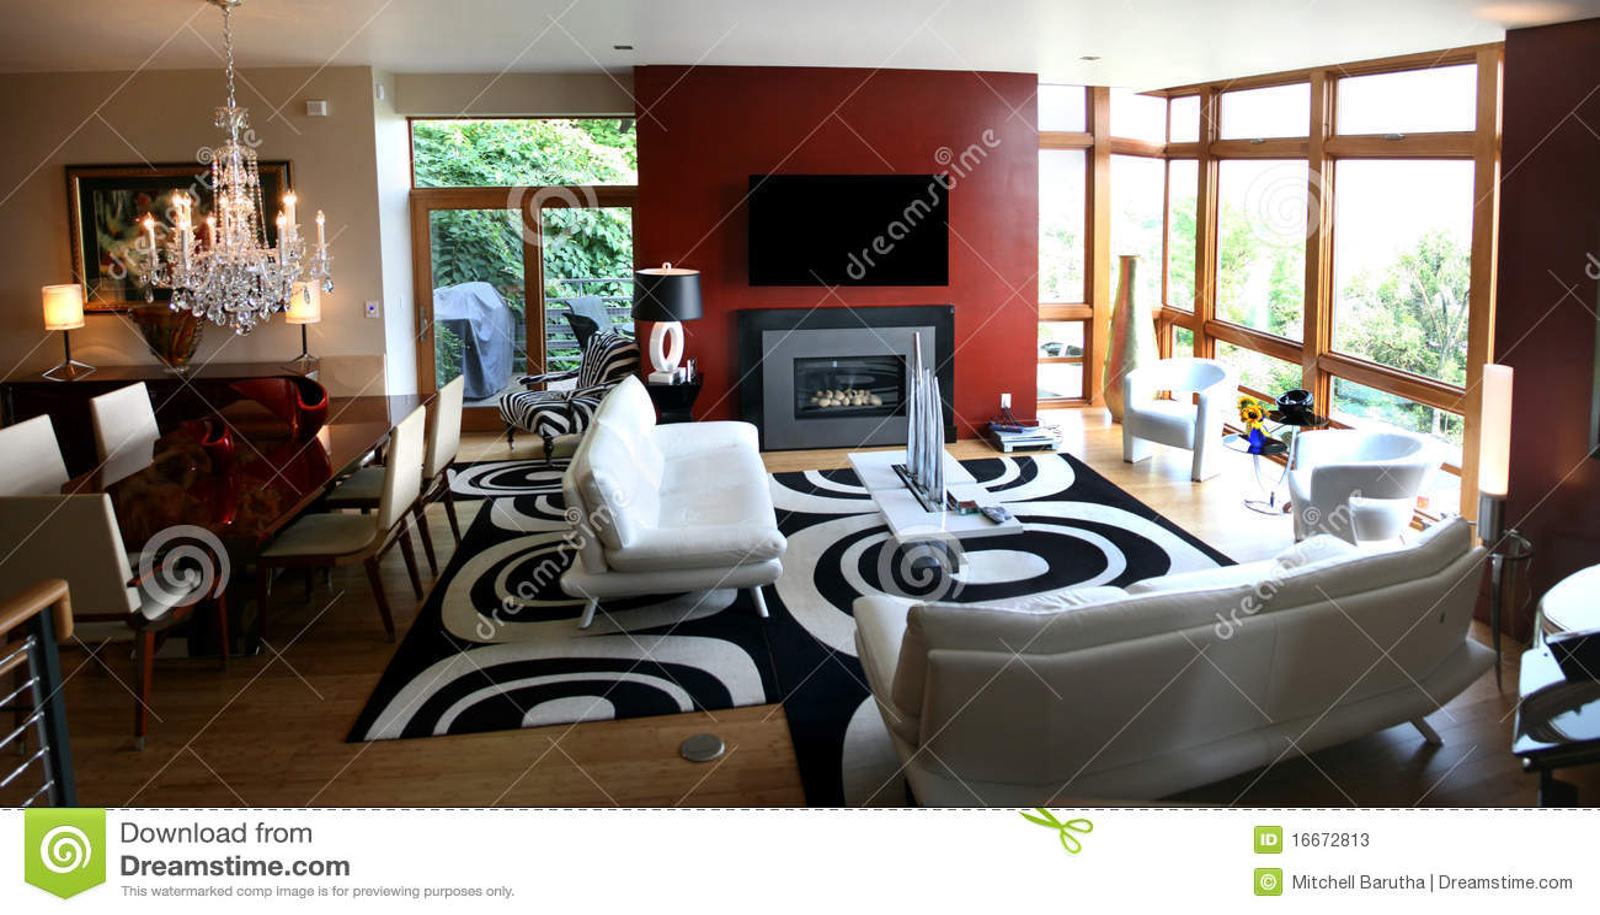 Dachbodenwohnzimmer